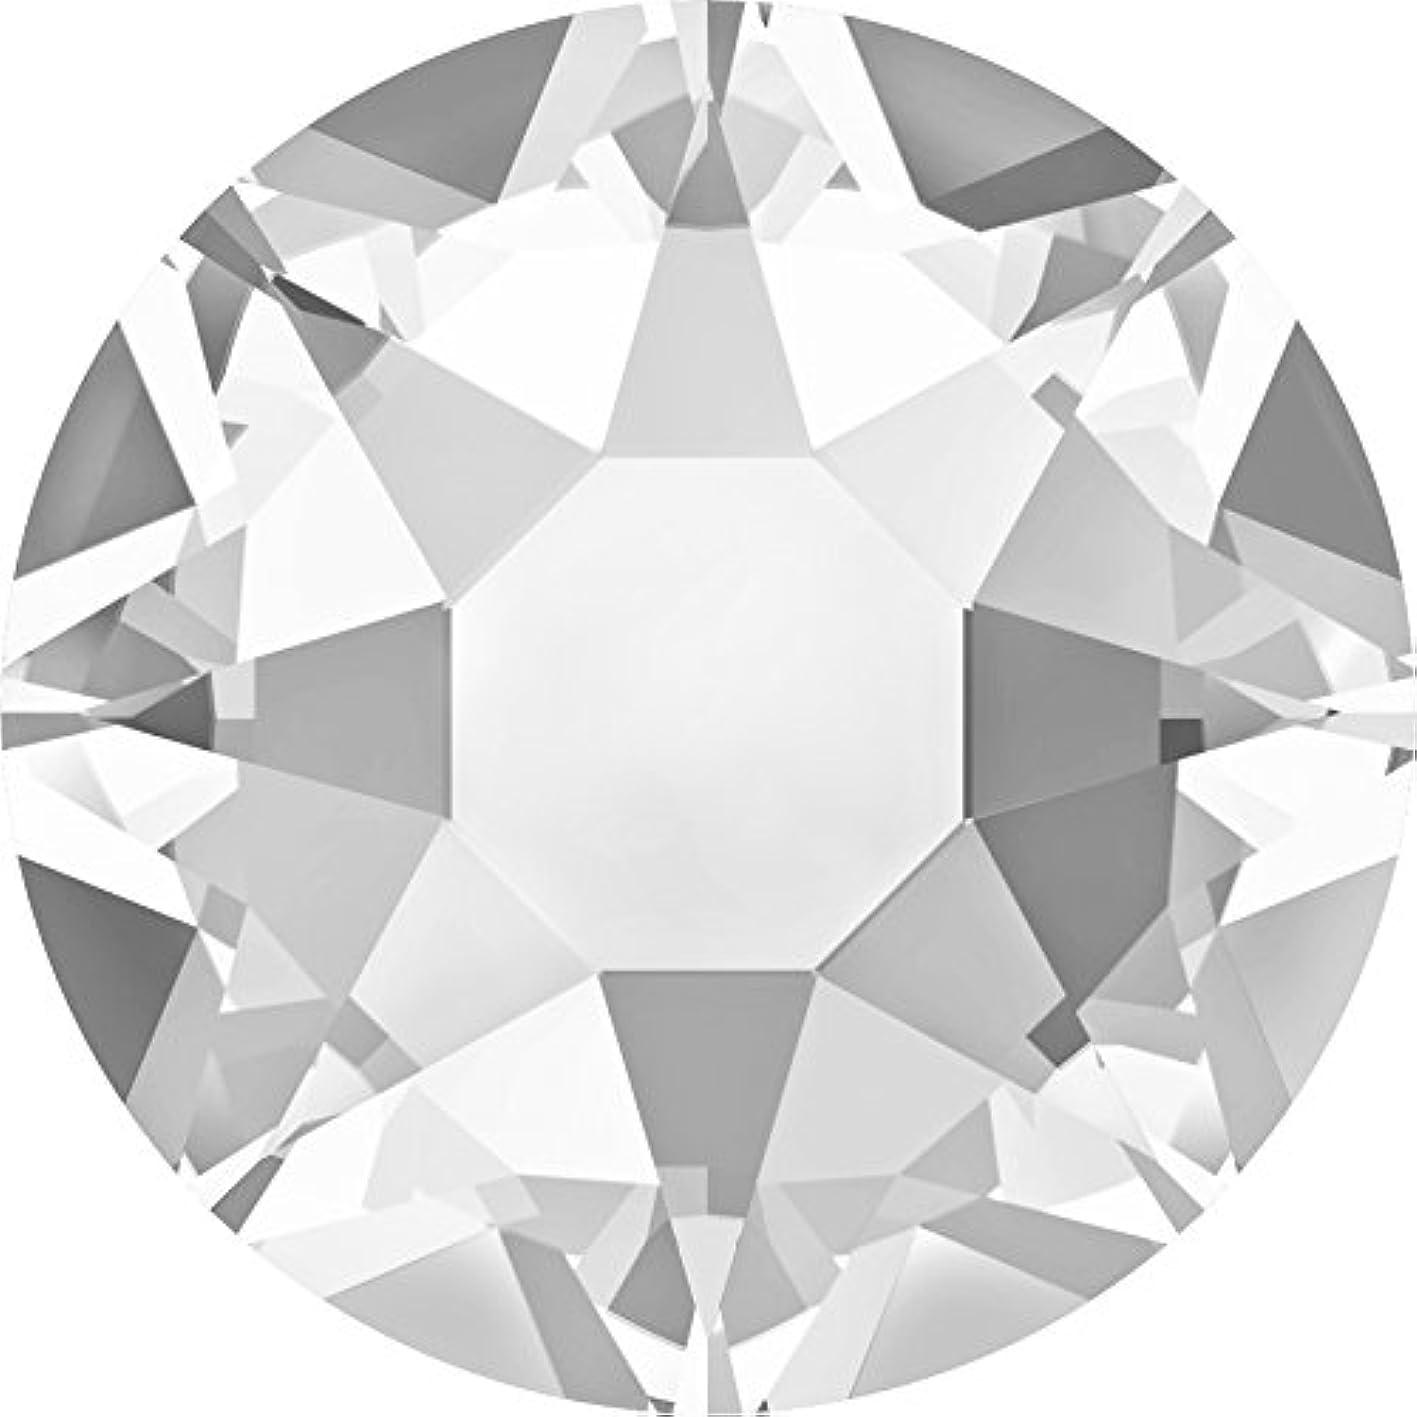 ブラウス扱う真似るスワロフスキー(Swarovski) クリスタライズ ラインストーン 【ホットフィックス】布用スワロ (SS12(約3mm)40粒入, クリスタル)